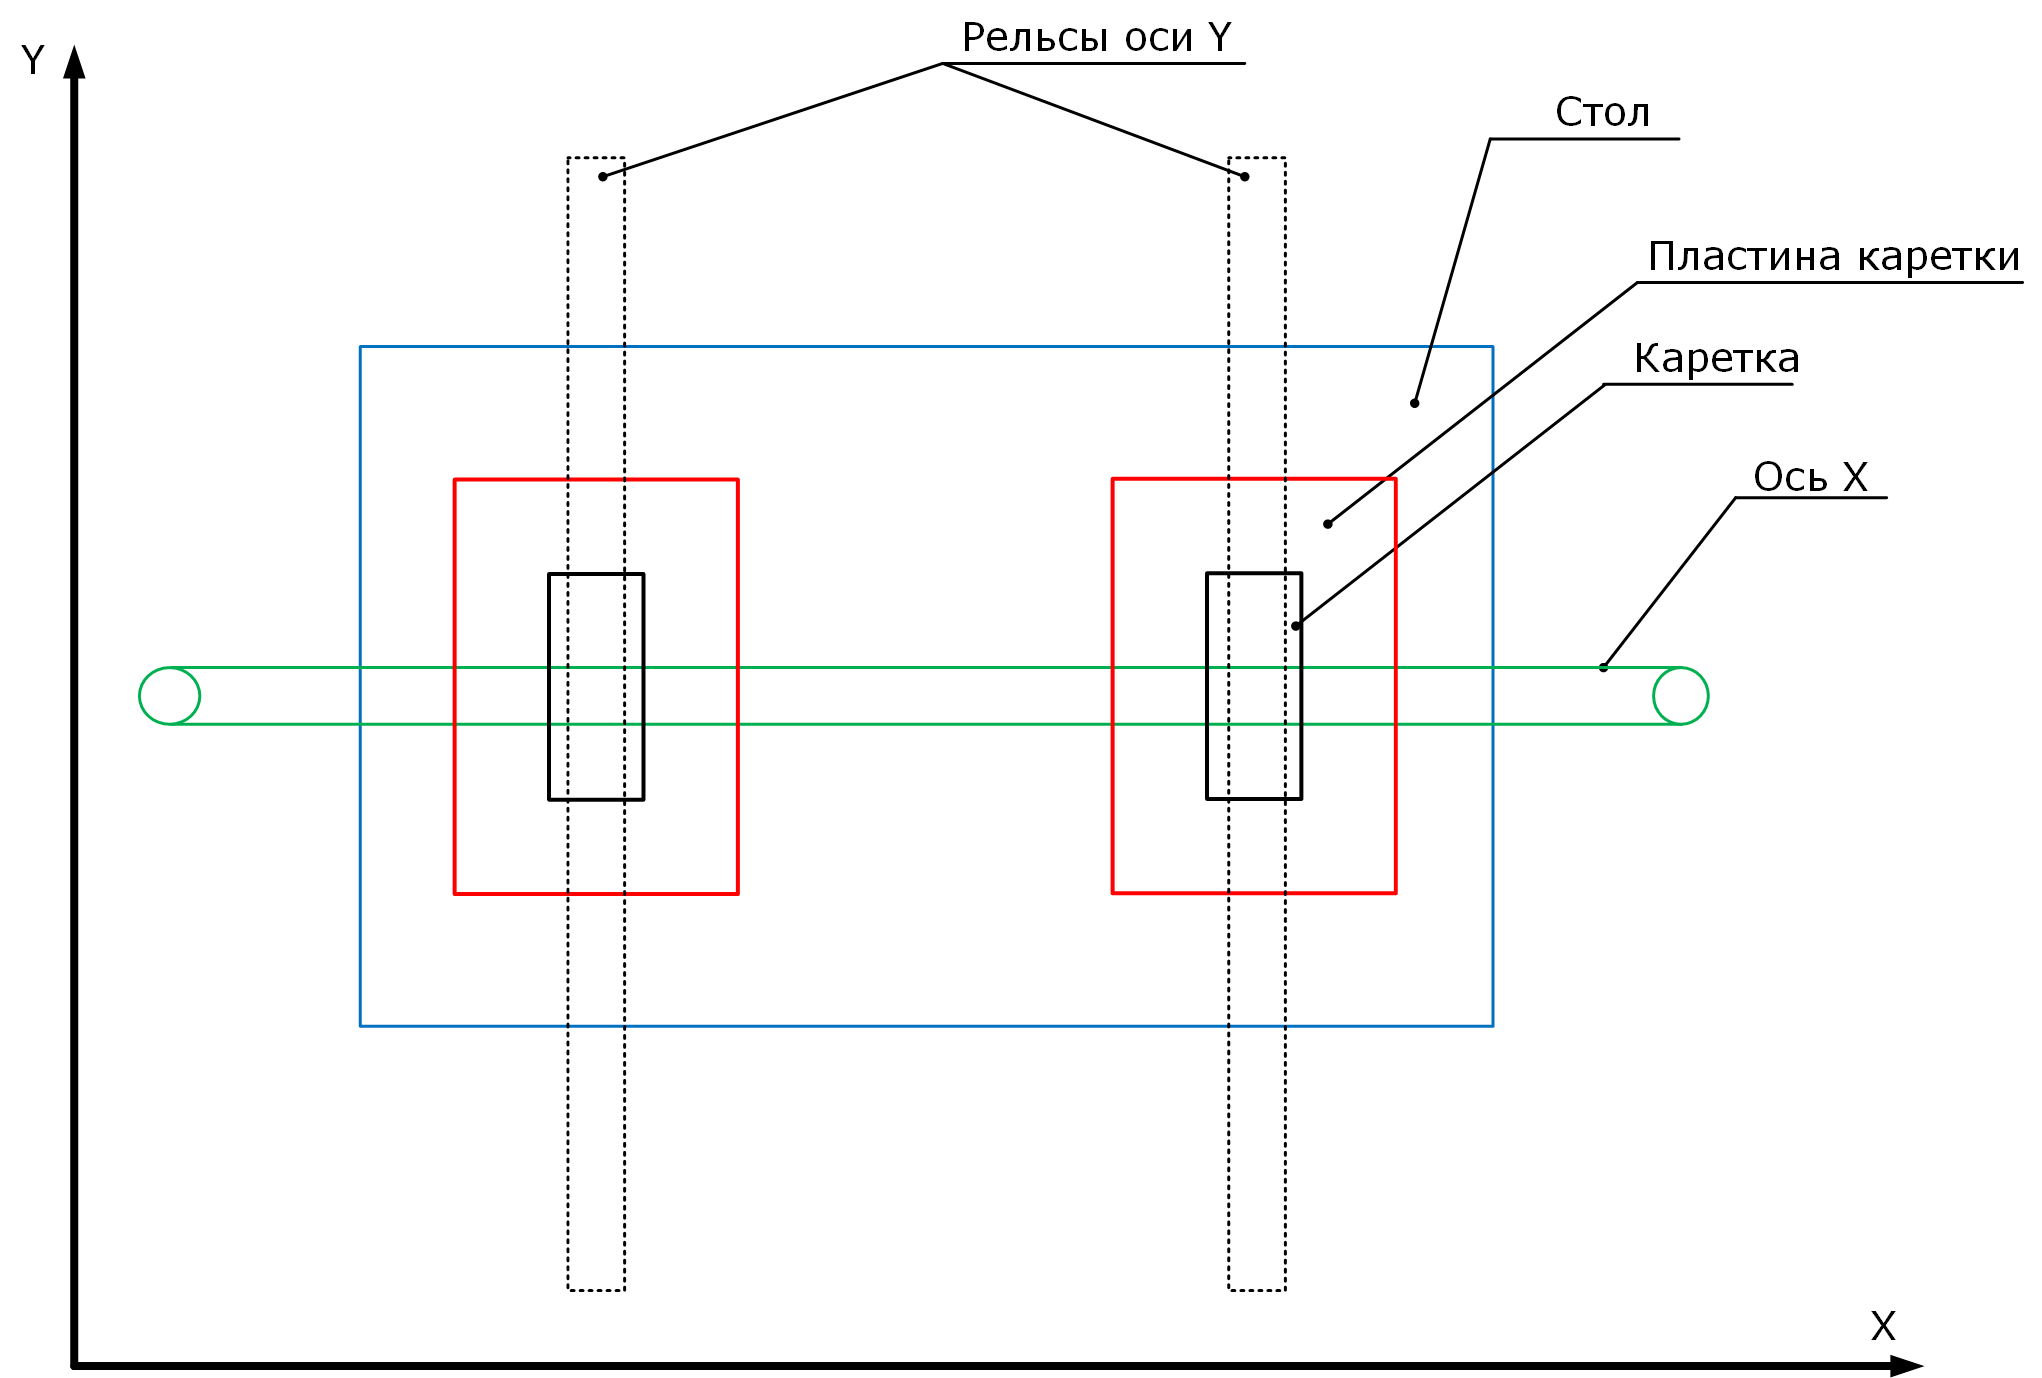 Переделка CNC 3018 Pro на рельсы. Личный опыт. Часть 3. Взгляд под микроскопом